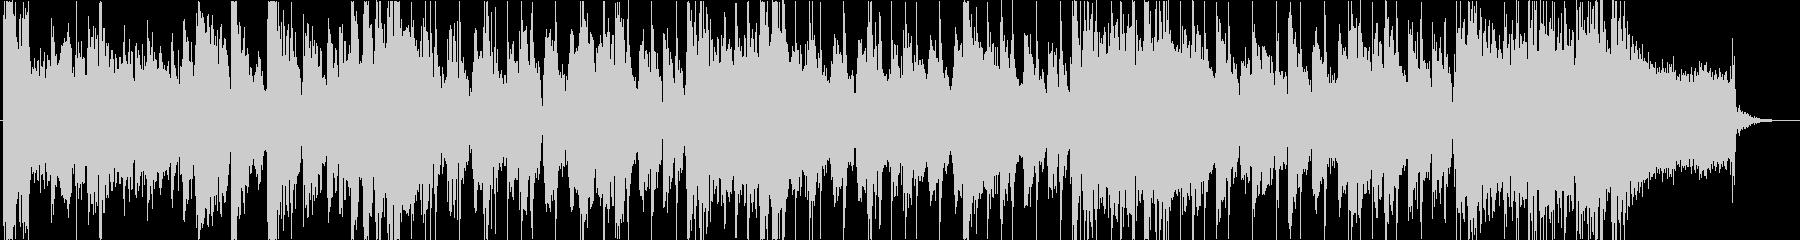 ロックで和風楽器な映像用のリズミカルな曲の未再生の波形